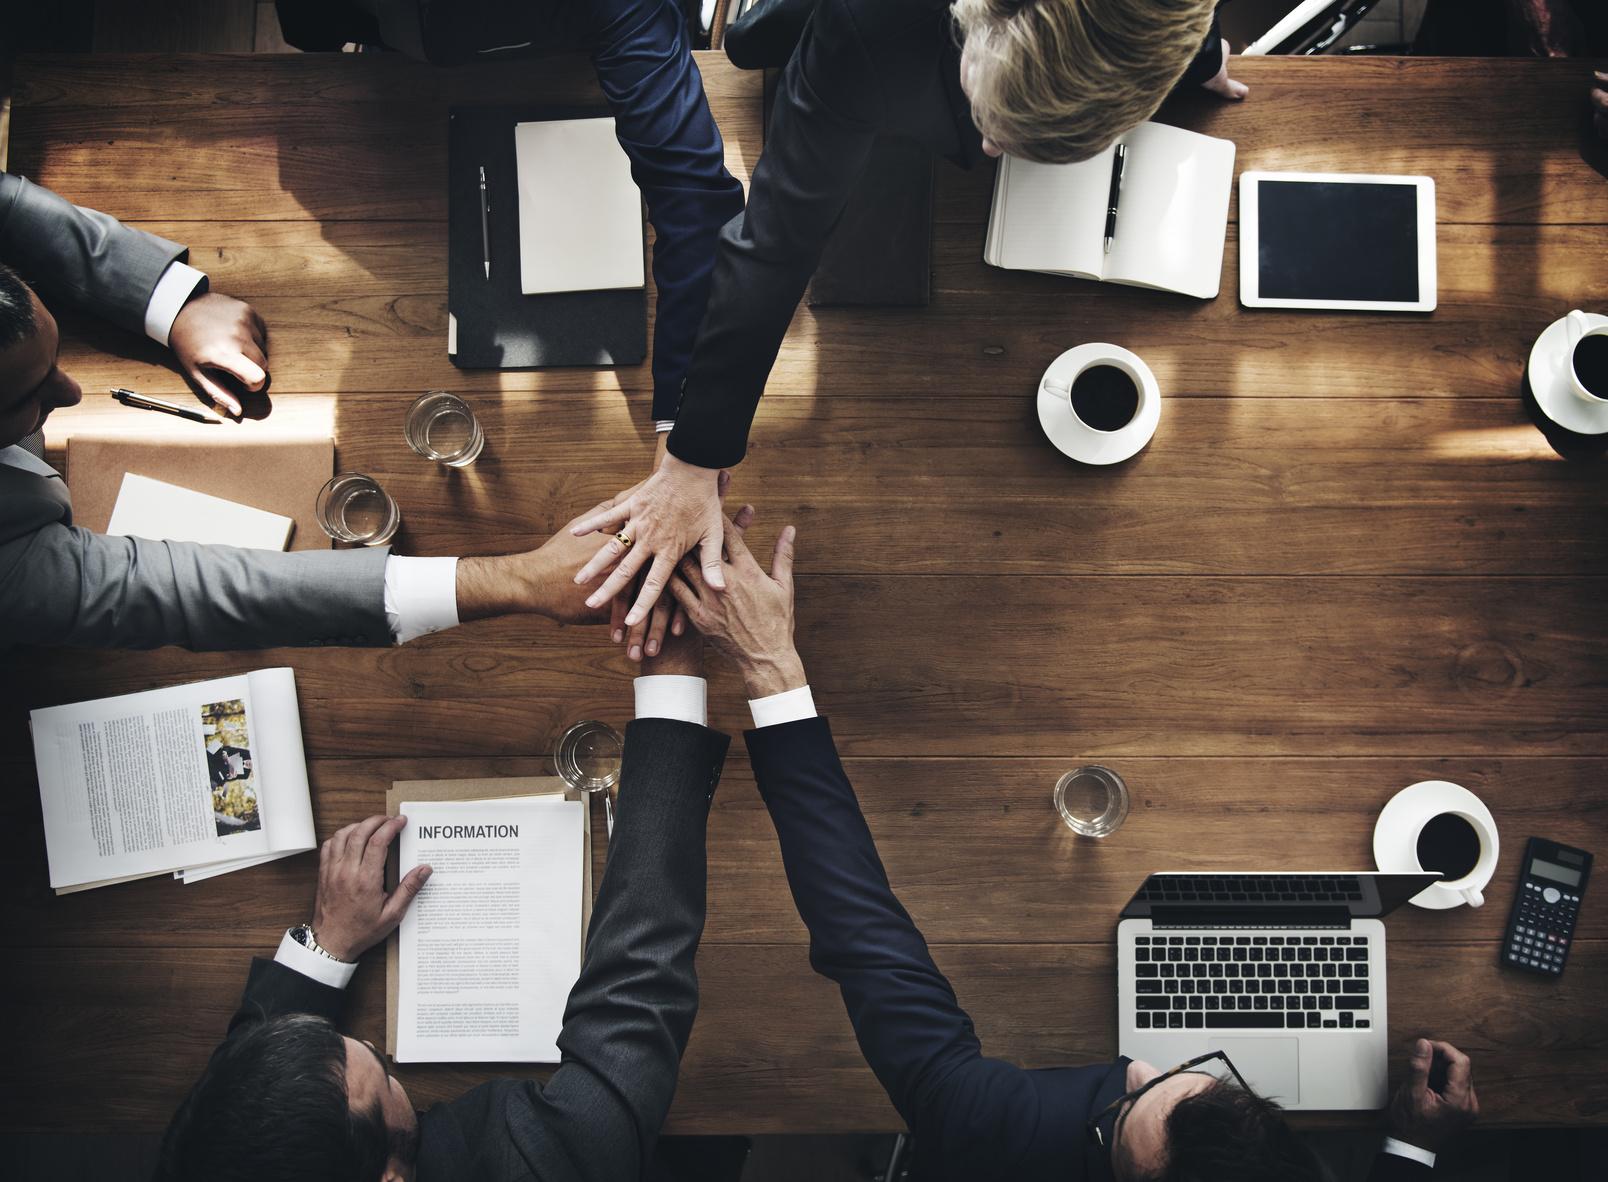 Foto: Personalmanagement durch stärkere Zusammenarbeit der Führungskräfte